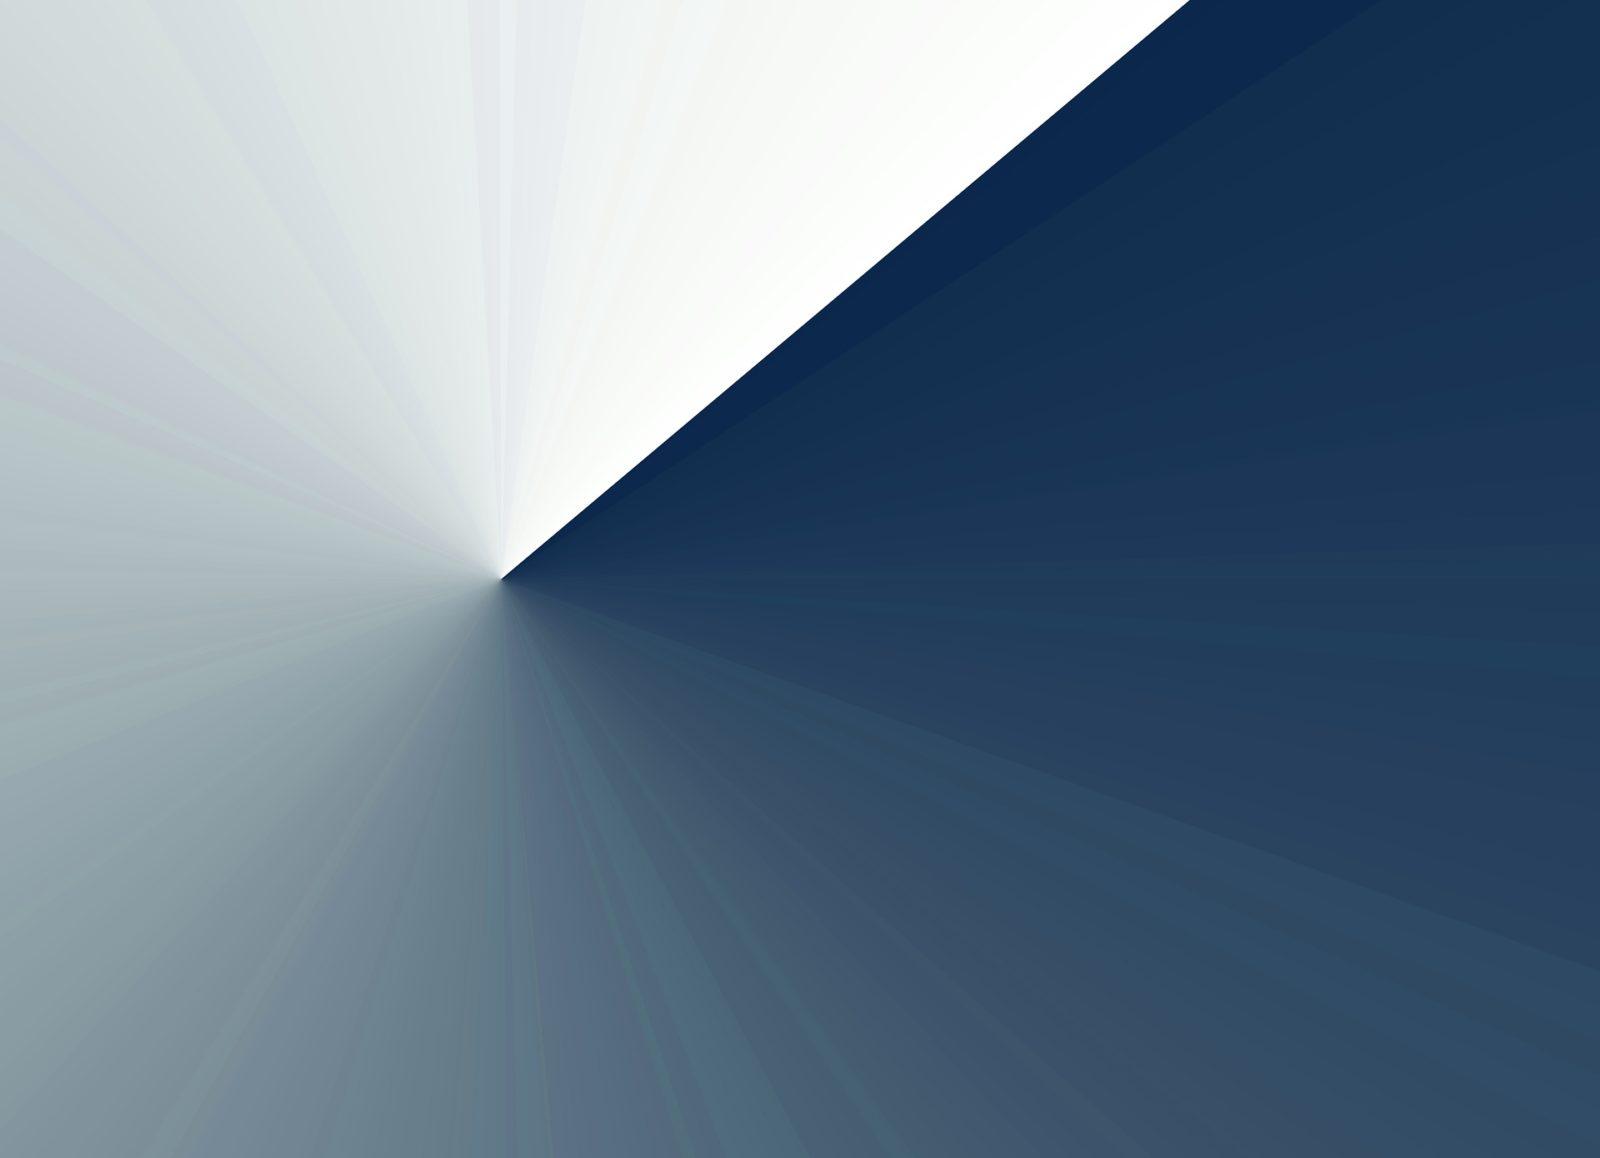 tuto-background